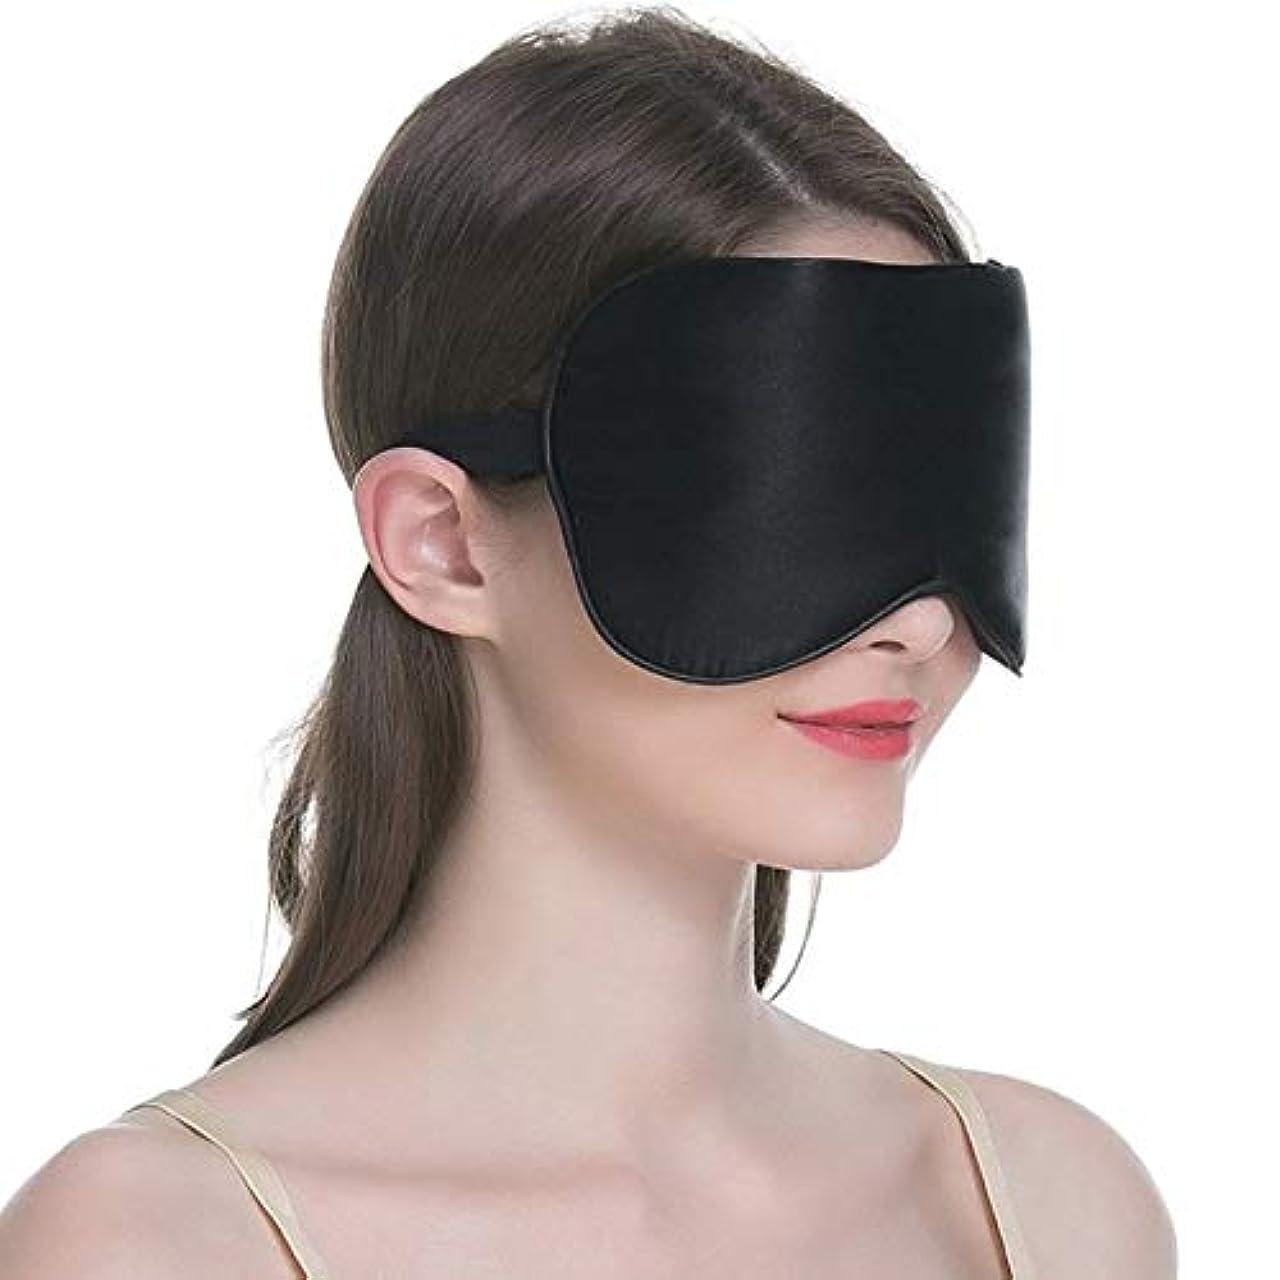 コットン失業者昇進注意天然シルクスリーピングアイマスクアイシェードソフトスリープマスクブラックマスク調節可能な包帯用目用睡眠旅行ポータブル